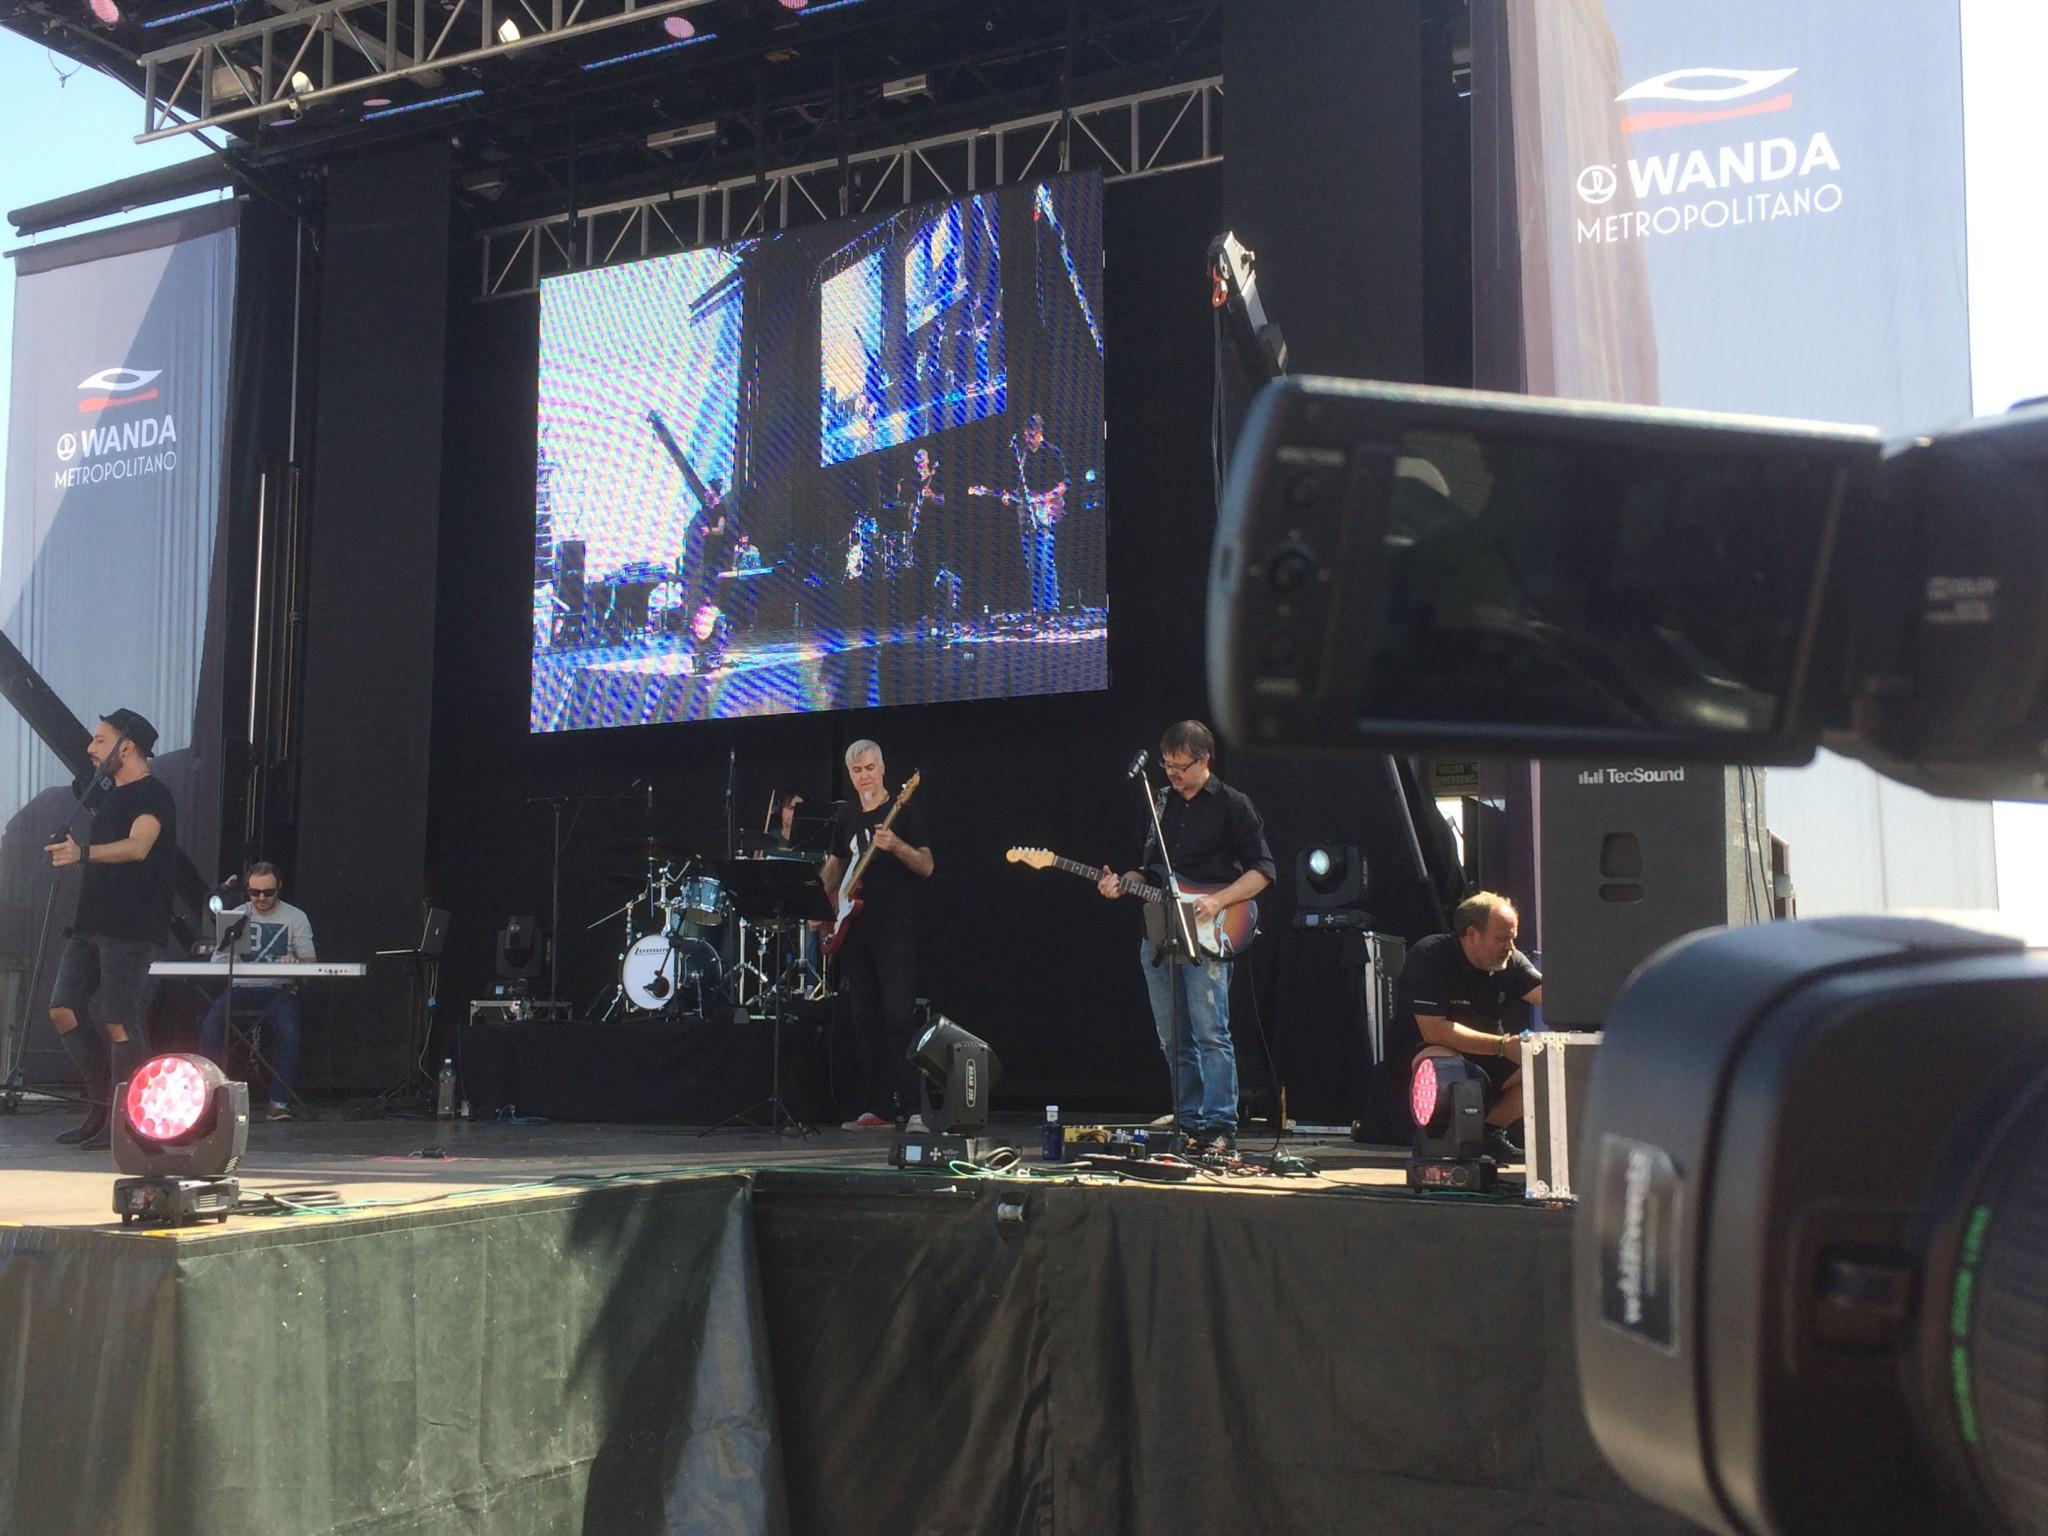 Retransmisión de concierto del Wanda Metropolitano 5